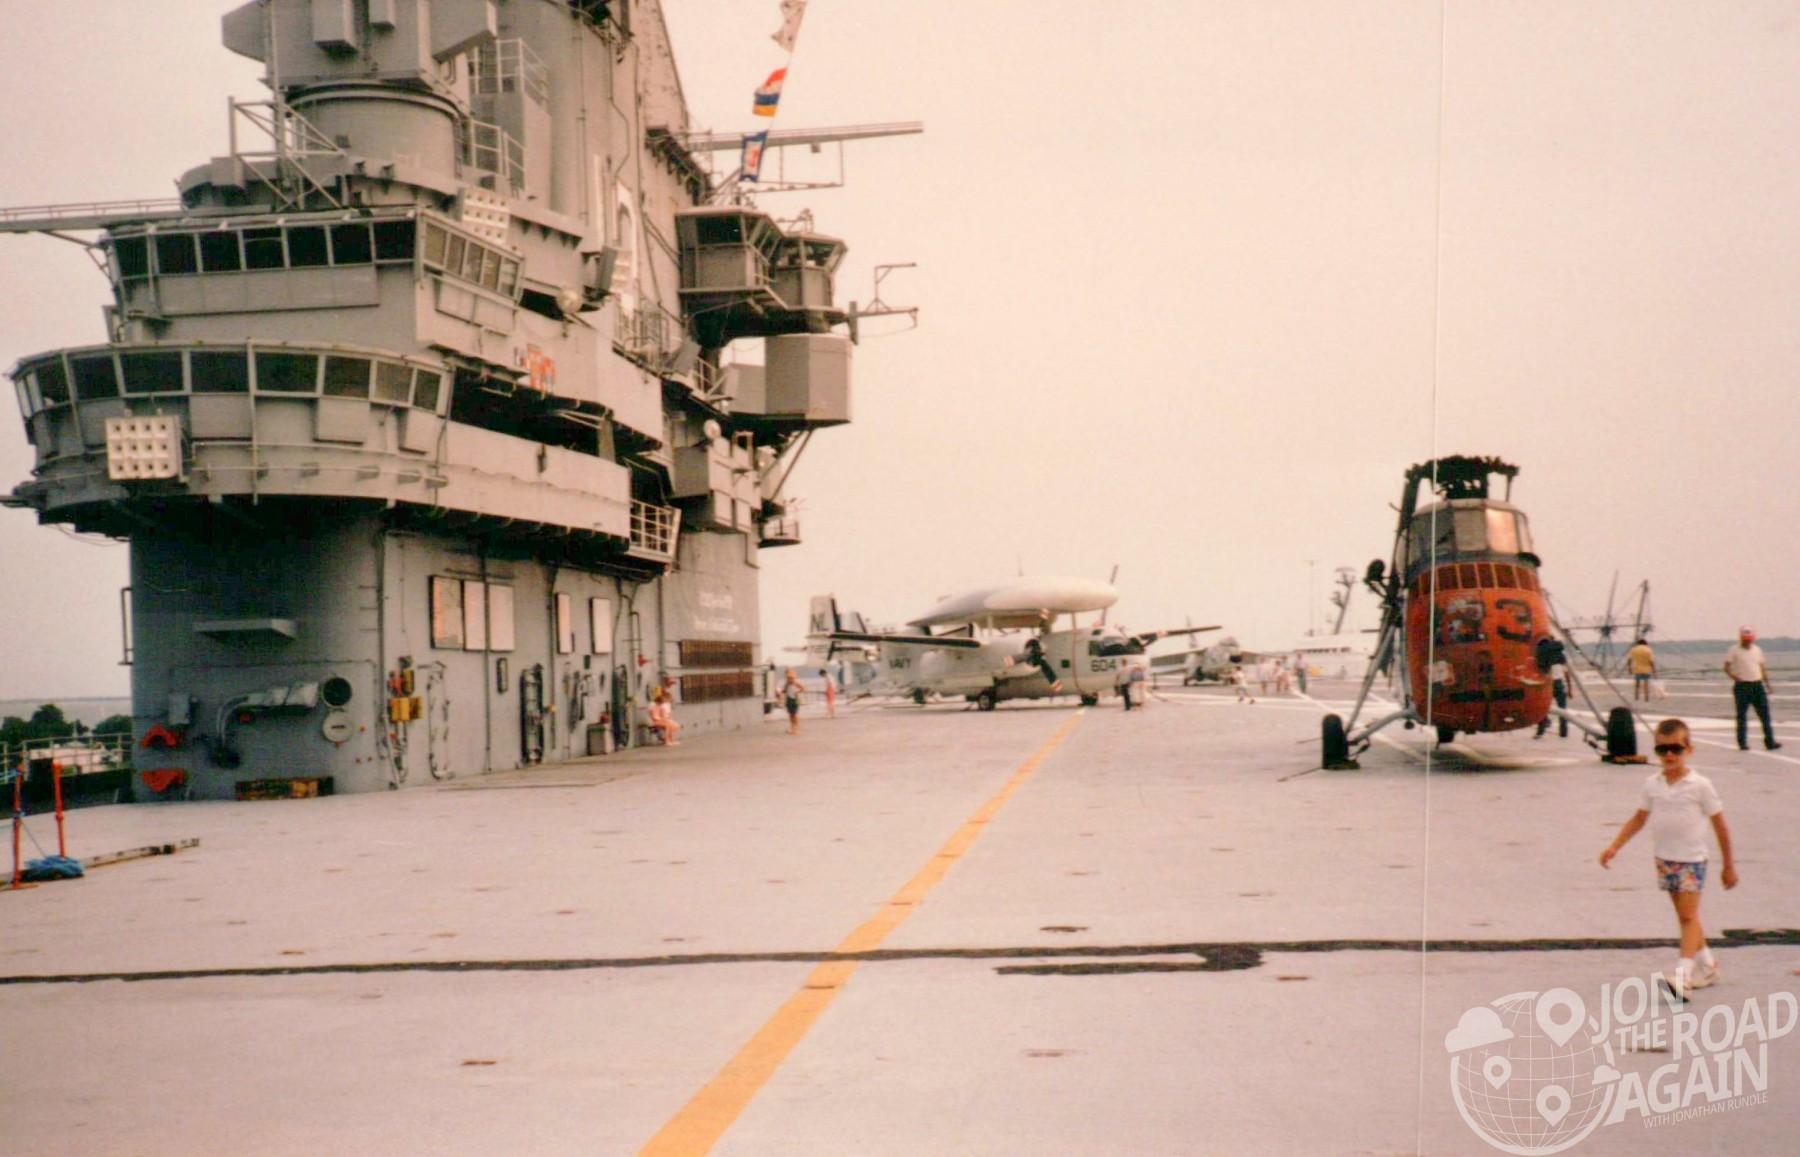 Yorktown deck 1986